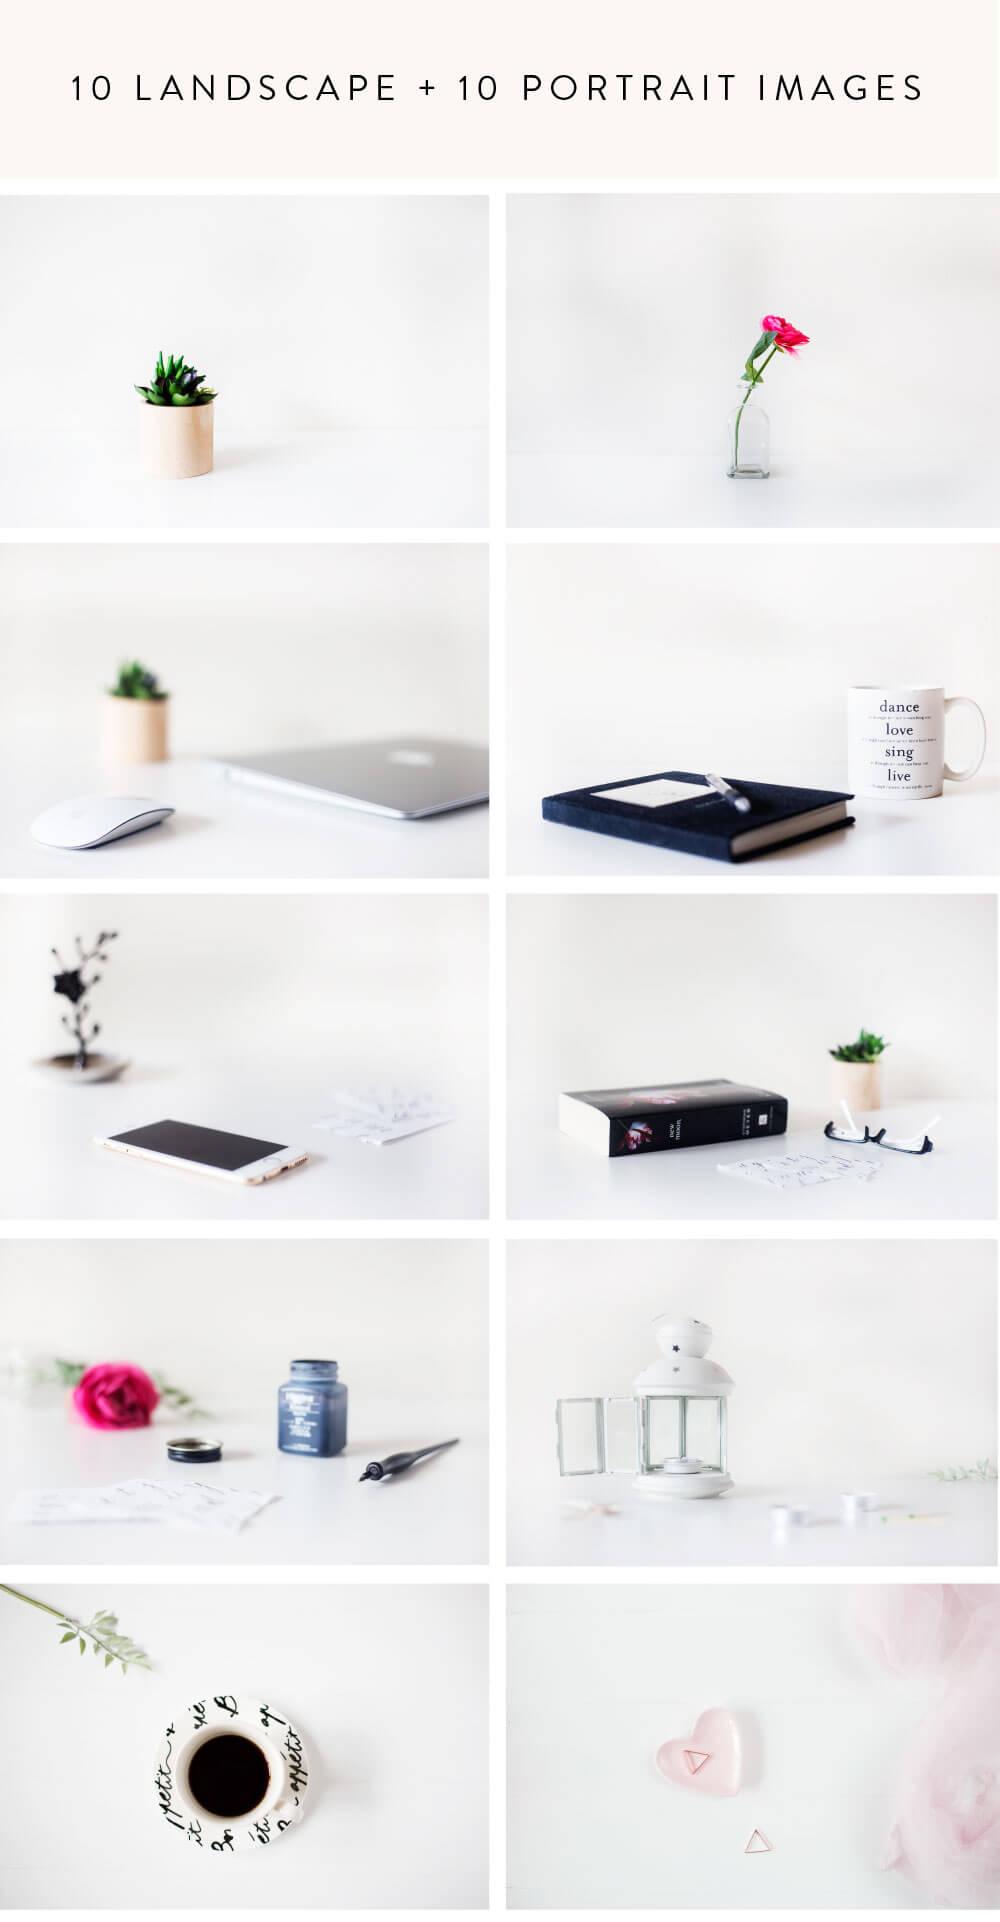 stylish stock photos for female entrepreneurs (1).jpg